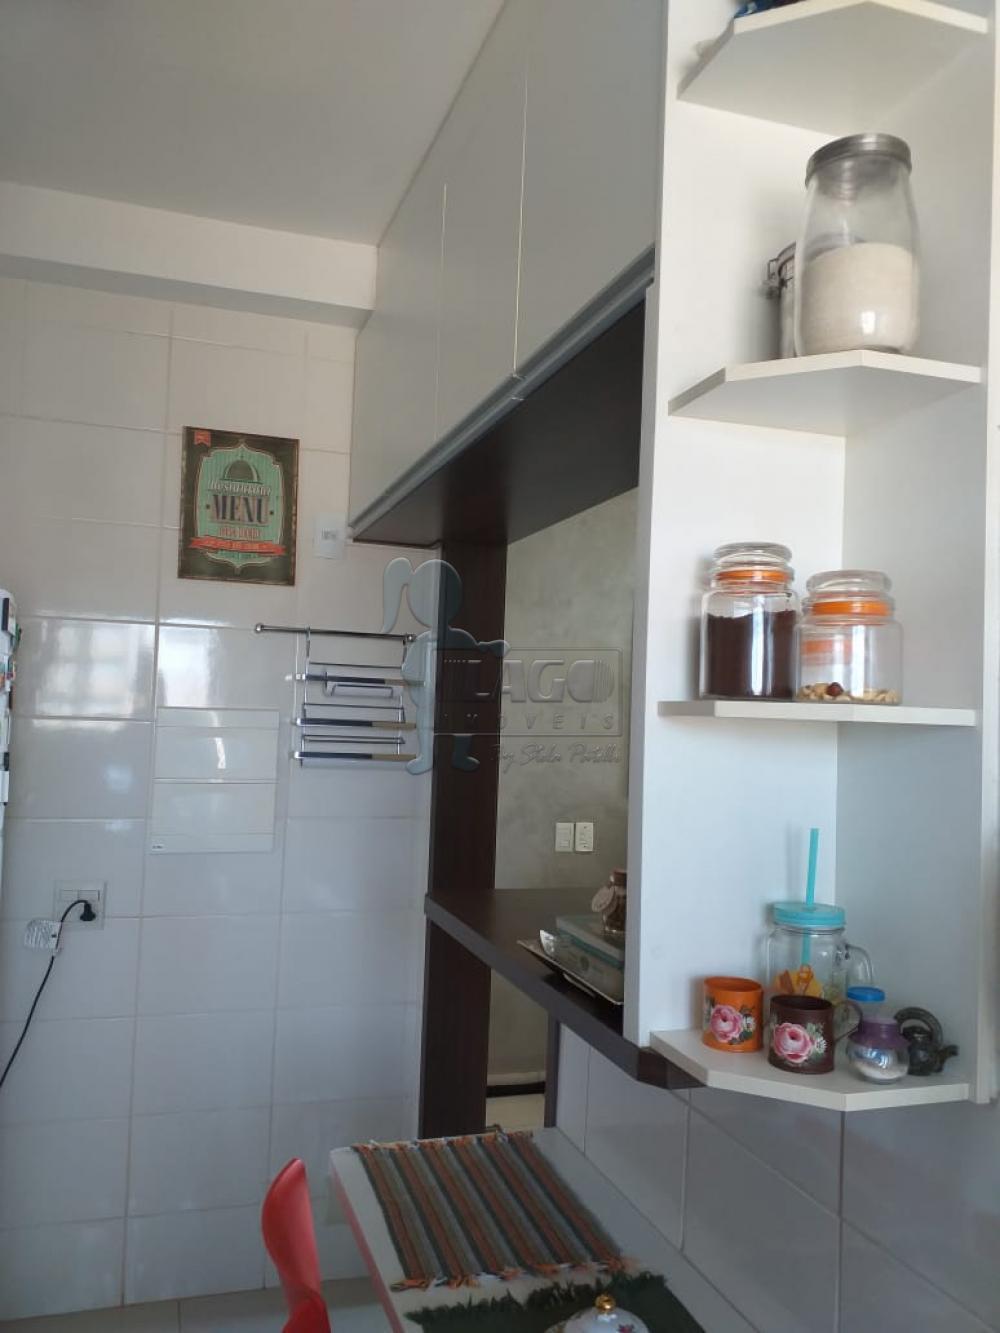 Comprar Apartamento / Padrão em Ribeirão Preto apenas R$ 210.000,00 - Foto 9